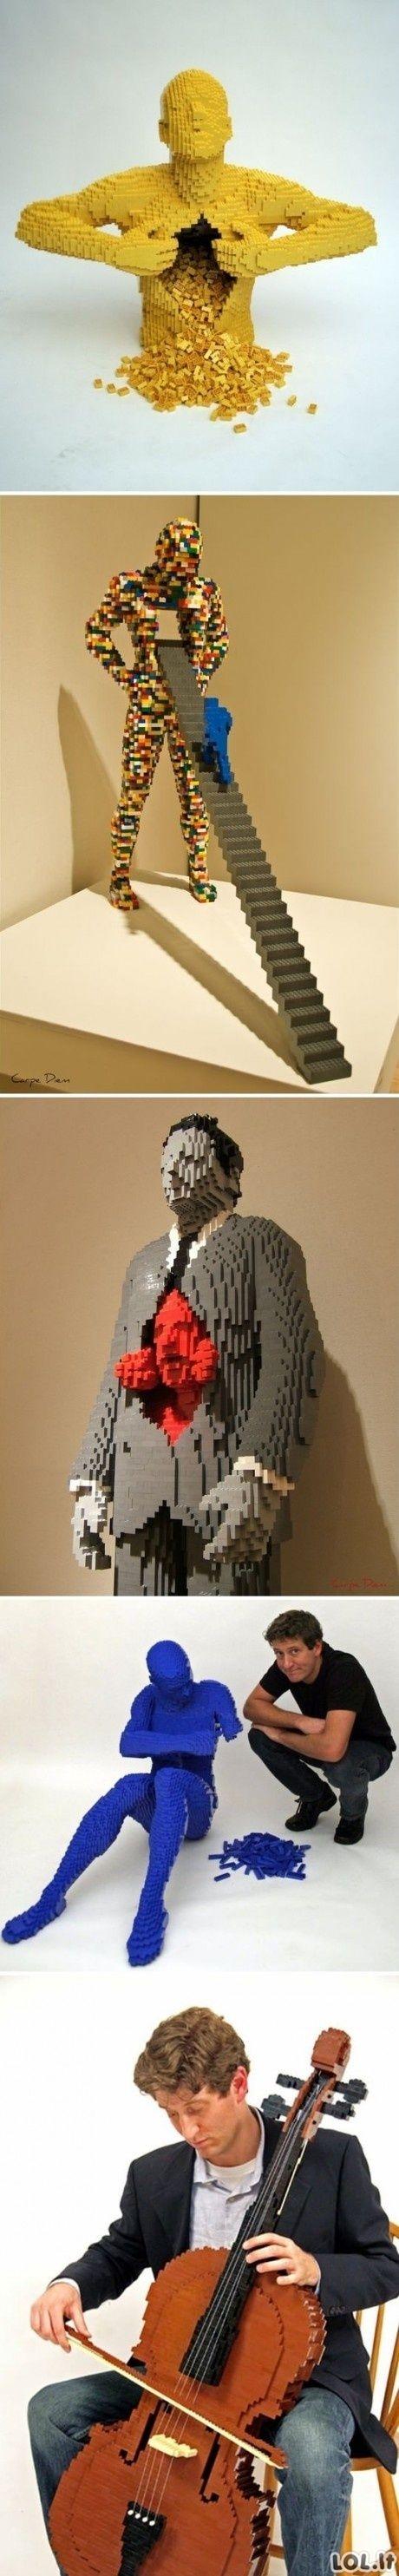 LEGO menas